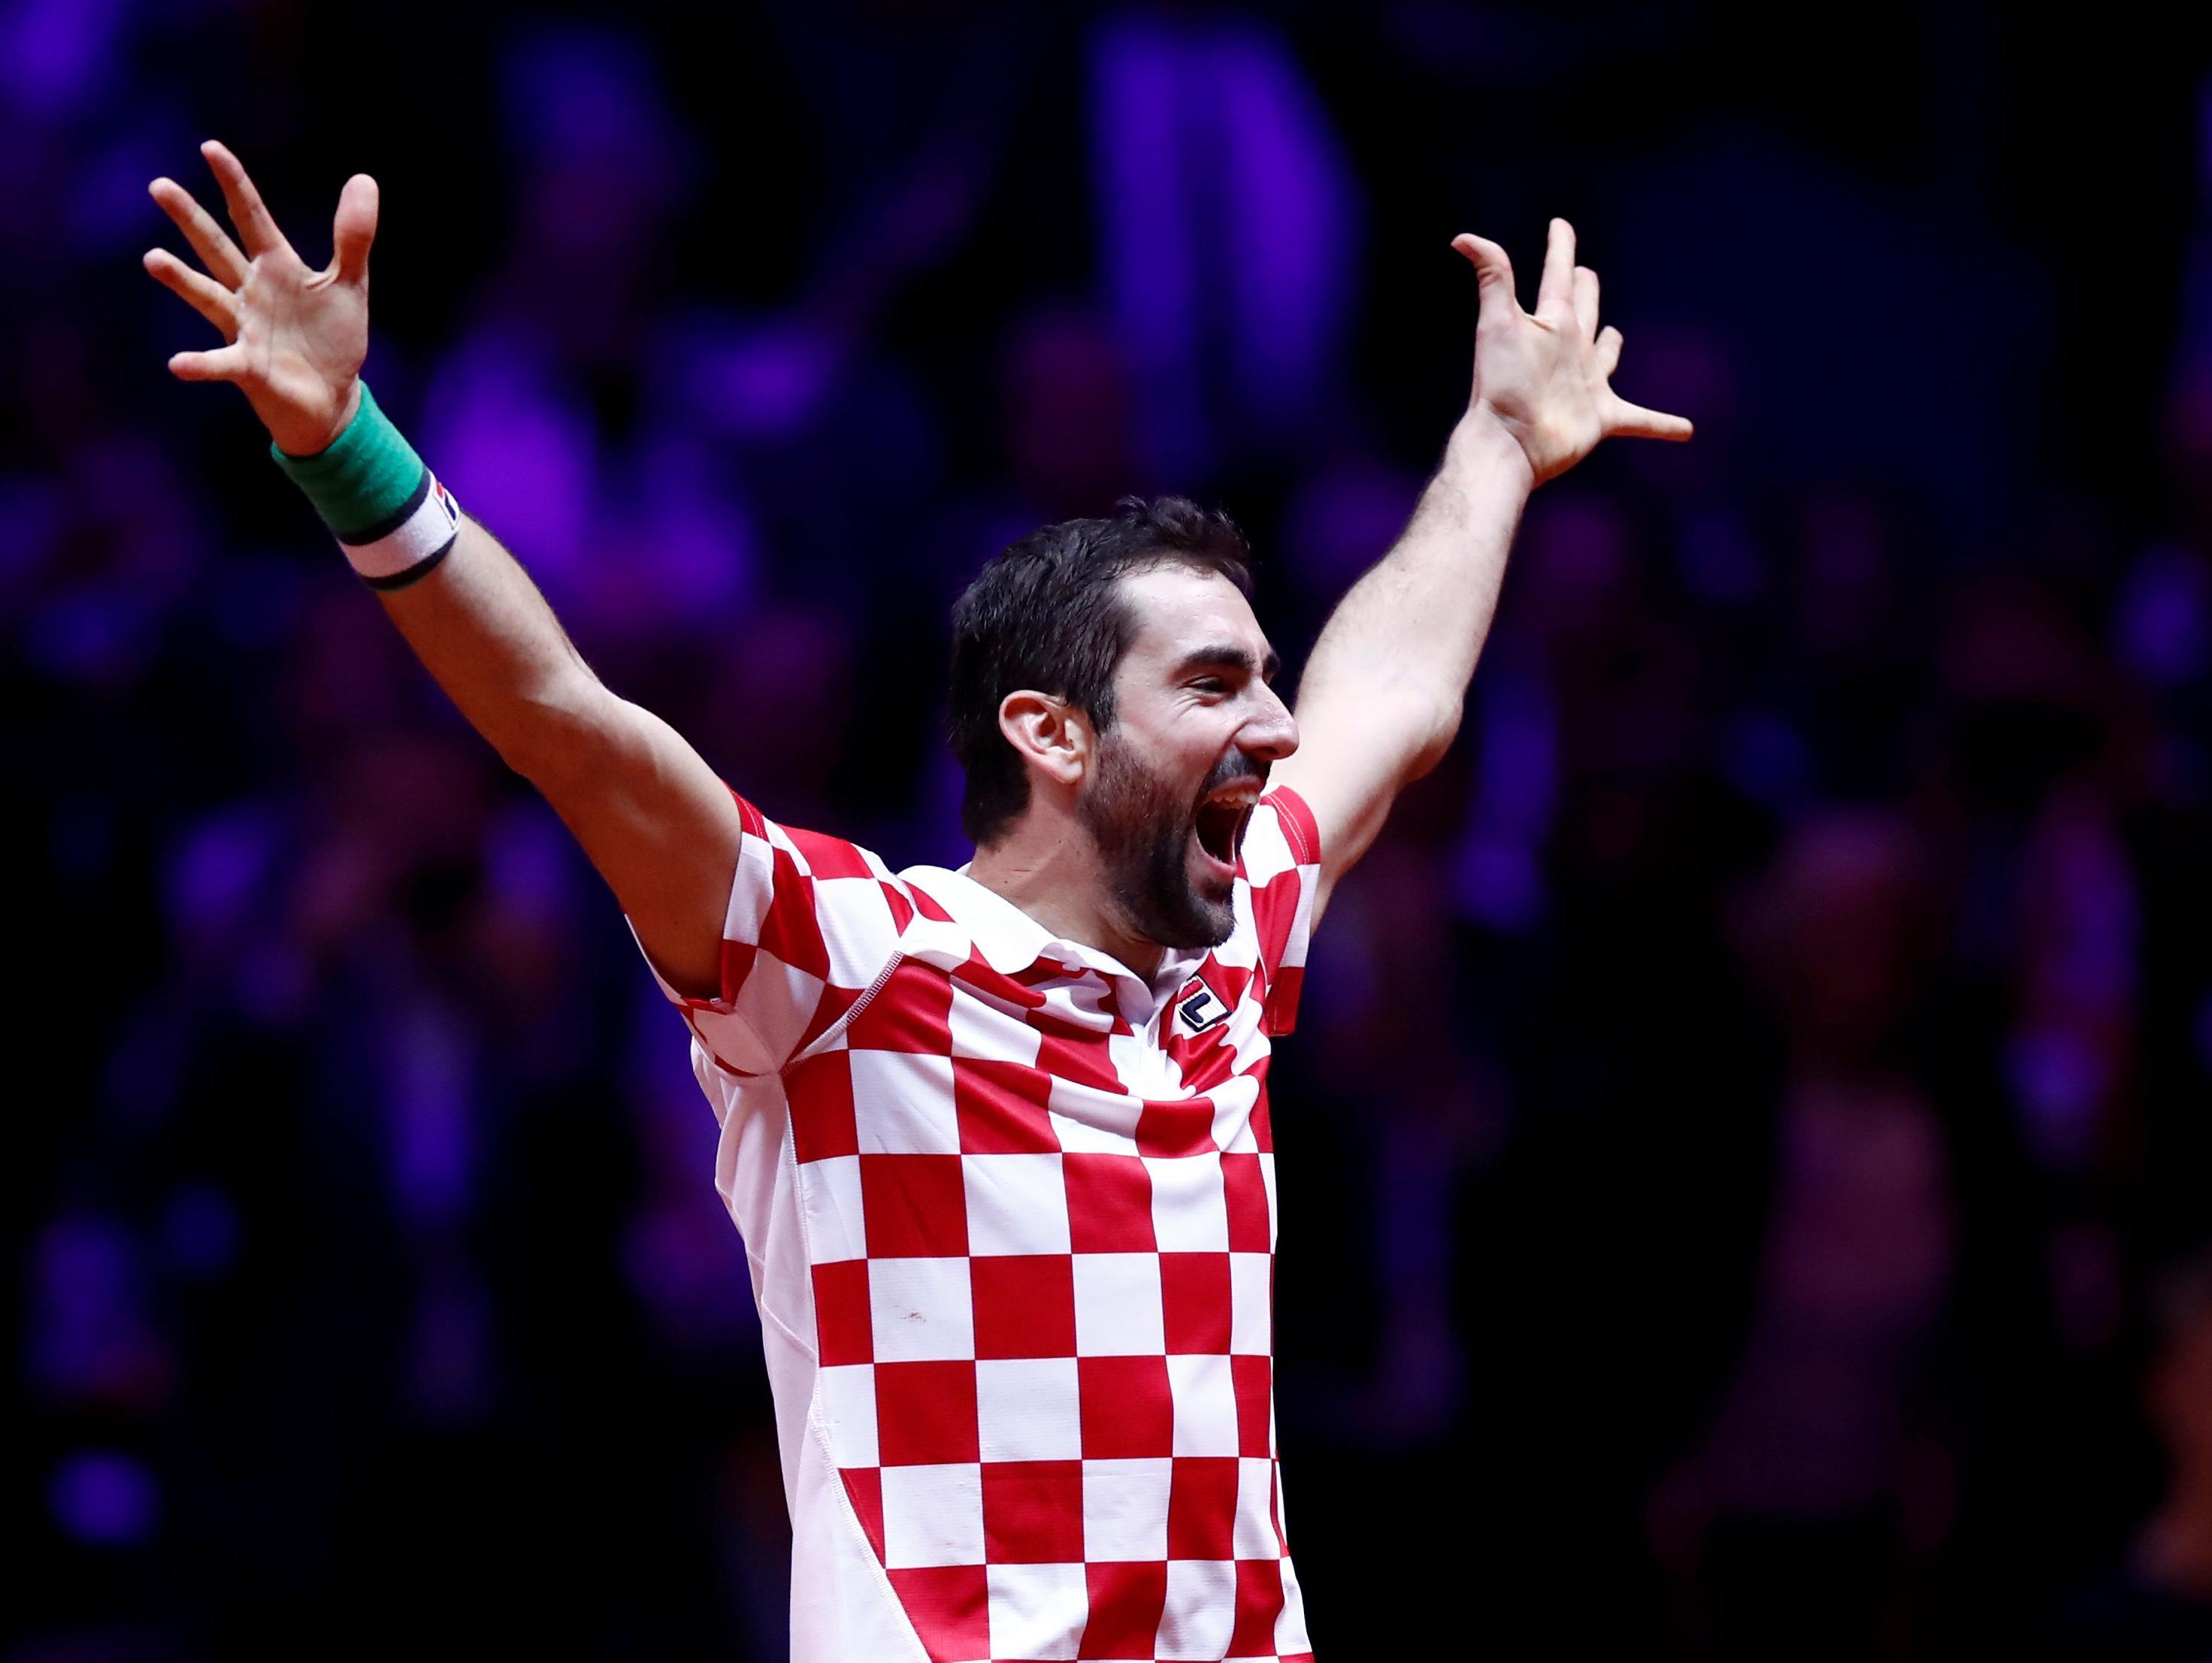 קרואטיה בטירוף, הזכייה בגביע דייויס דורגה שישית בהישגי המדינה בספורט